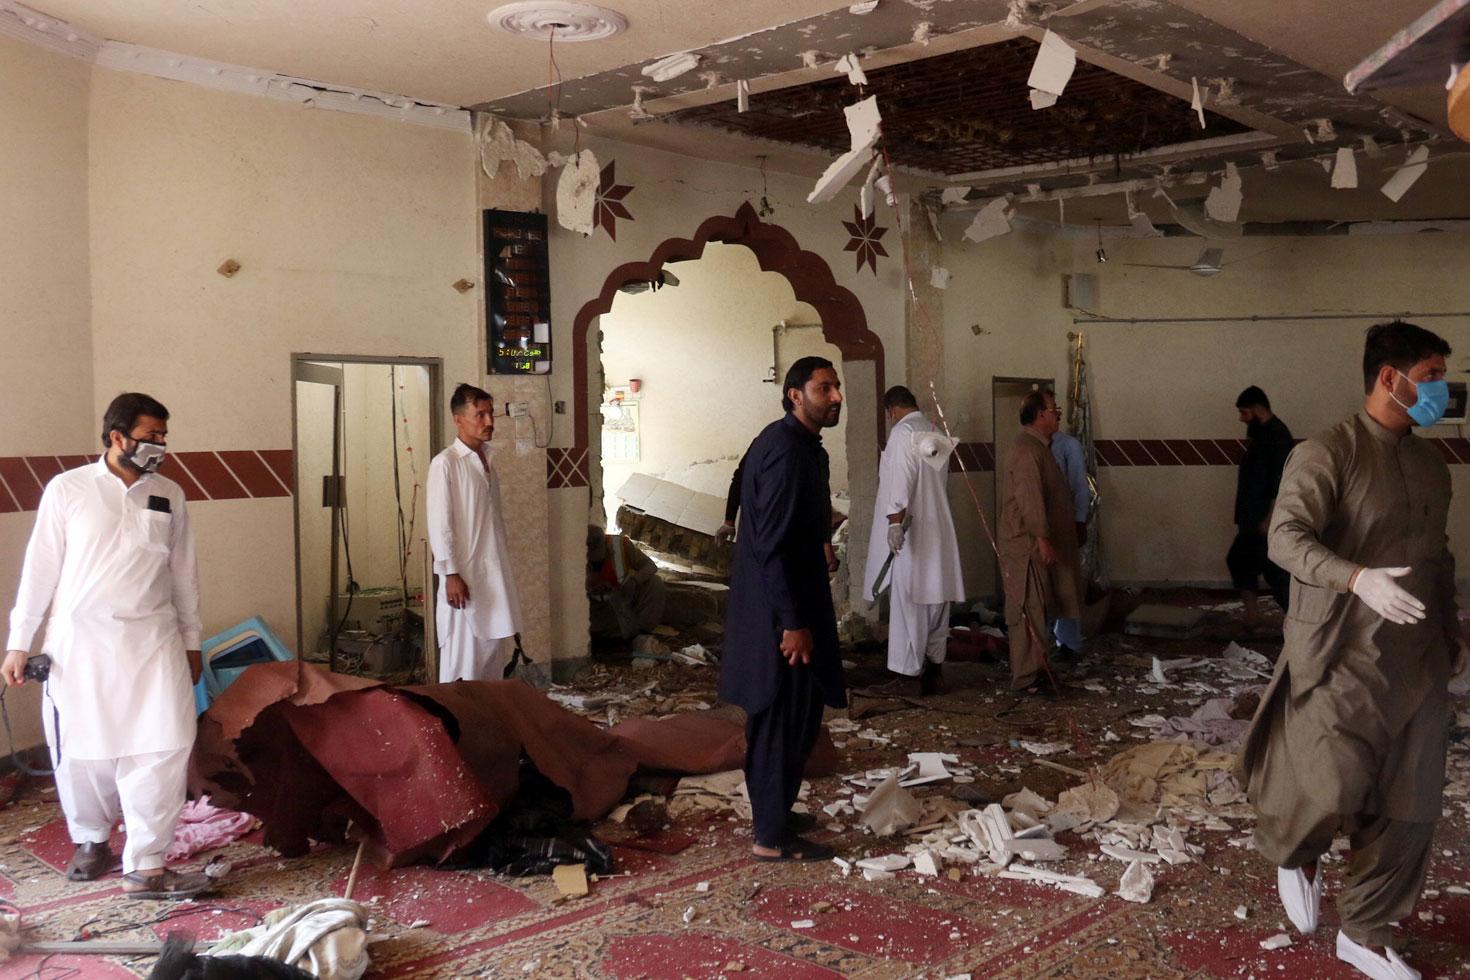 আফগানিস্তানে ফের মসজিদে বোমা, ব্যাপক প্রাণহানির শঙ্কা